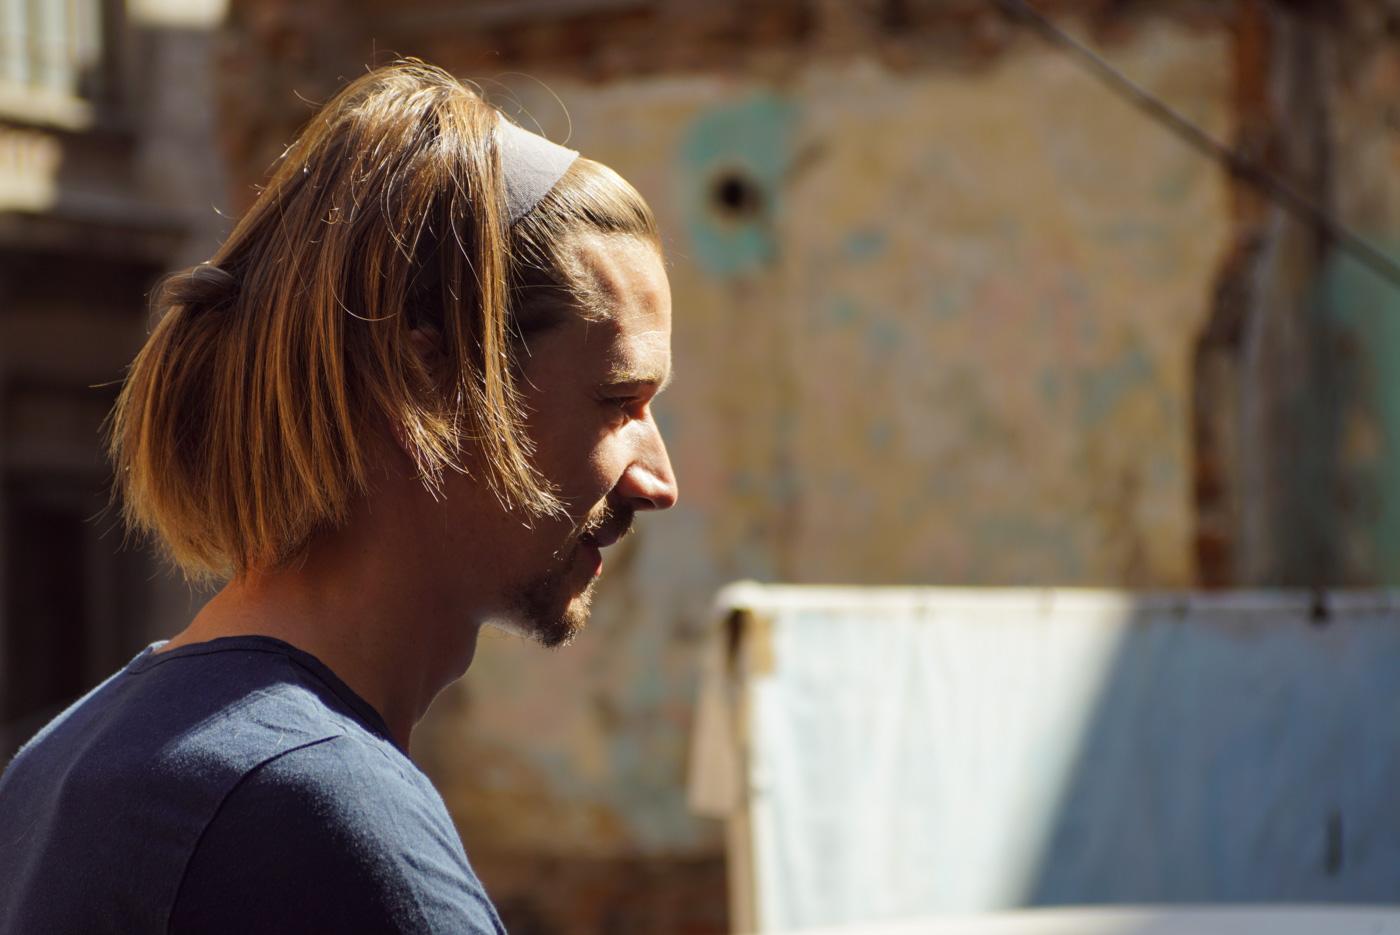 Nahaufnahme von Paul erträgt hat lange Haare und ein Stirnband und ist aus dem Profil zu sehen.